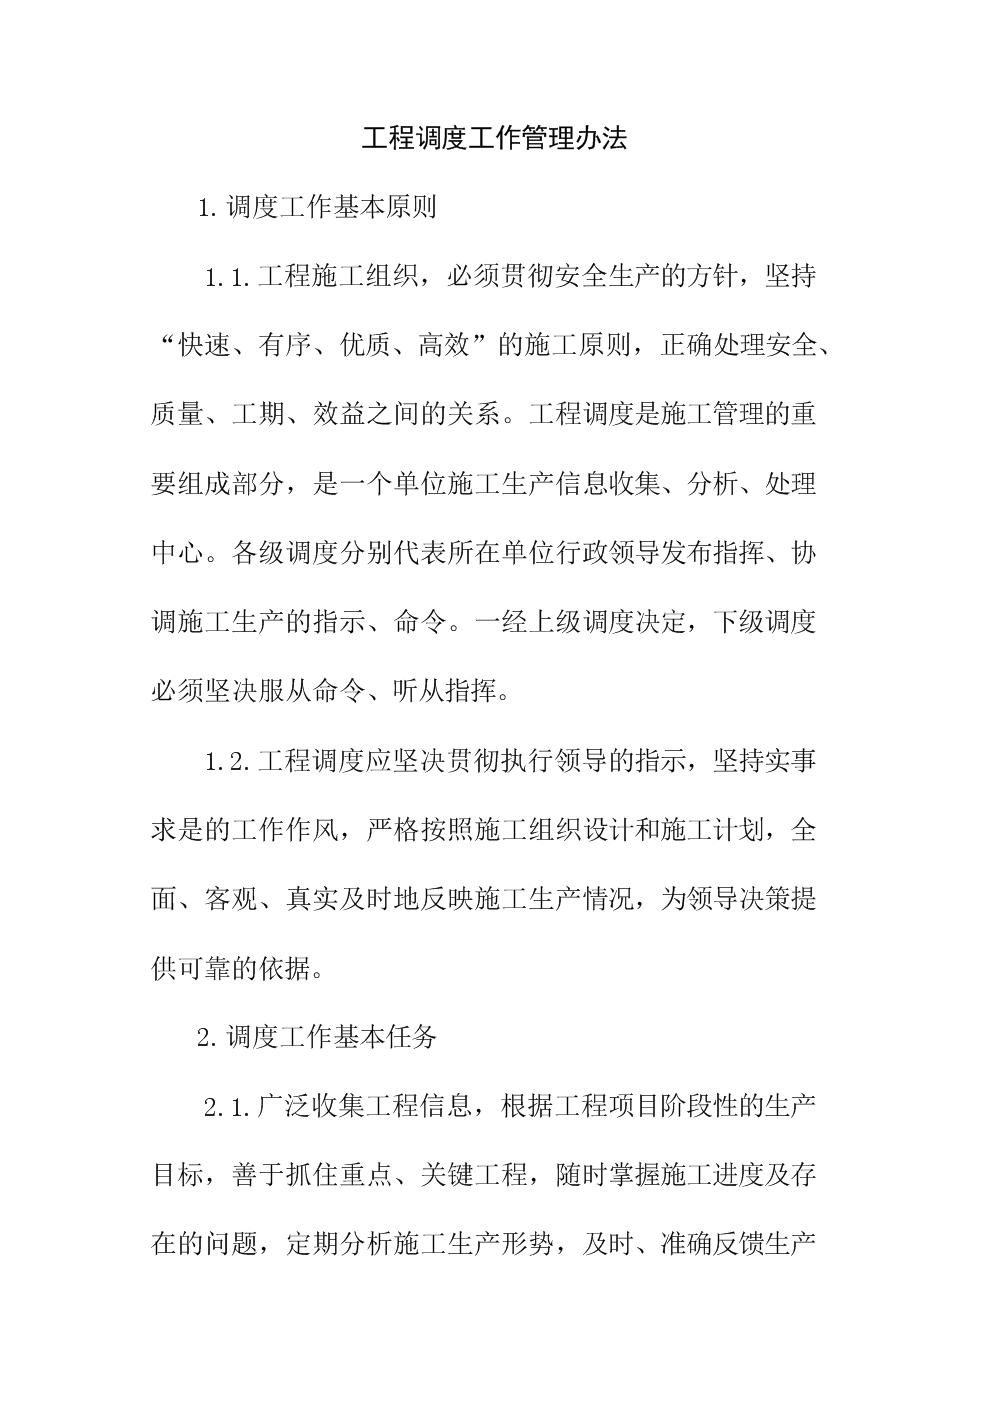 工程调度工作管理办法资料.doc